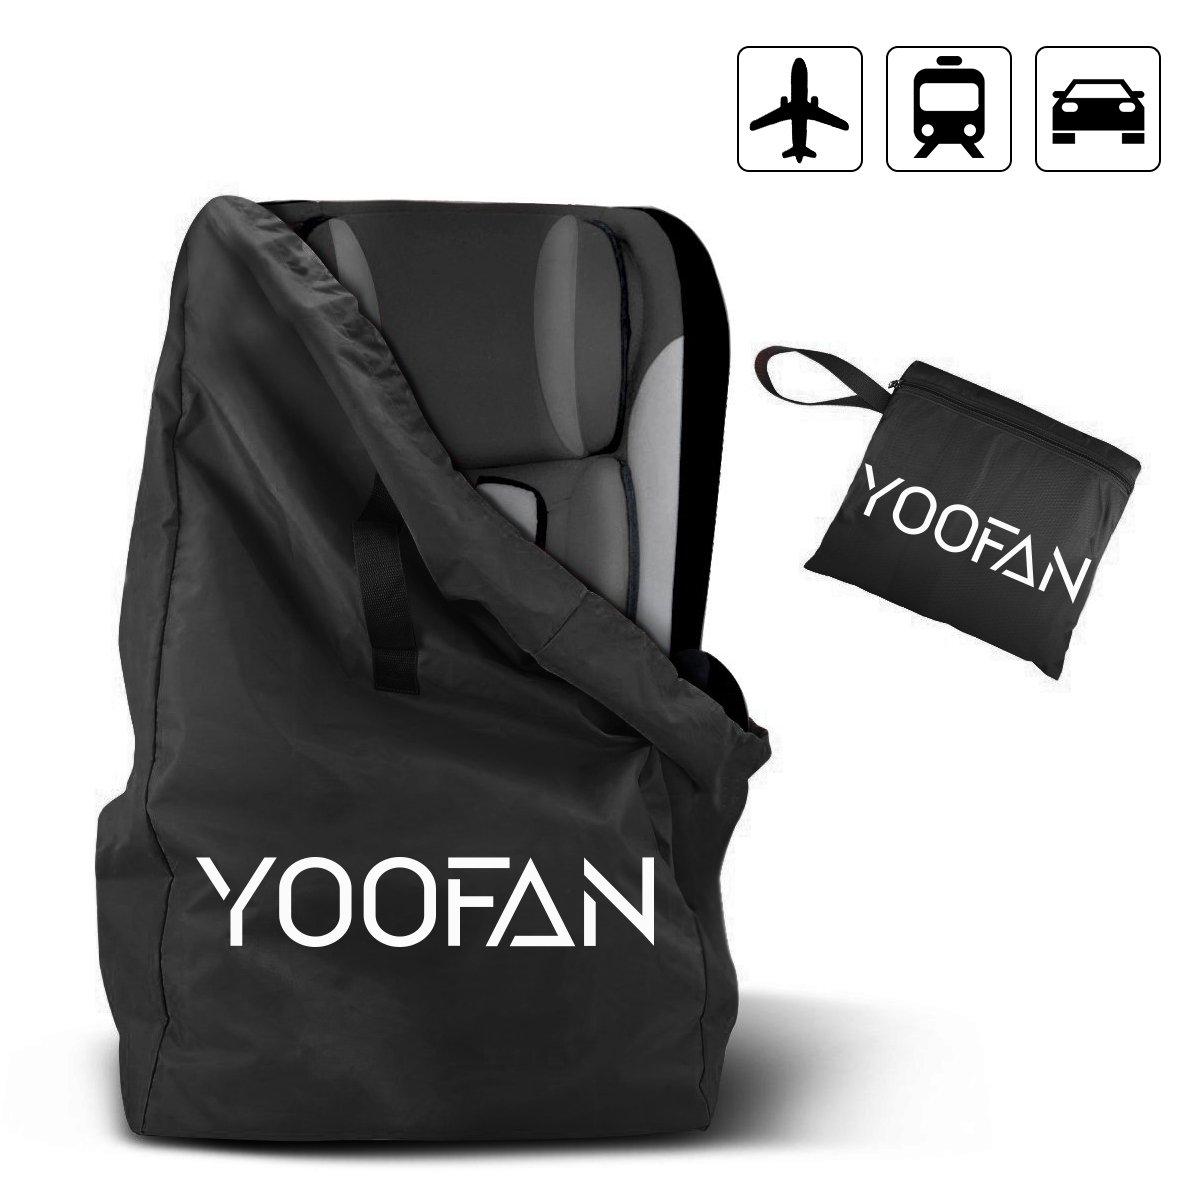 YOOFAN Gate Check Reisetasche mit Rucksack Schulterriemen für Kinderwagen, Autokindersitze, Rollstühle, Wasserabweisend - gut für Flugzeug und Aufbewahrung (Schwarz) Rollstühle